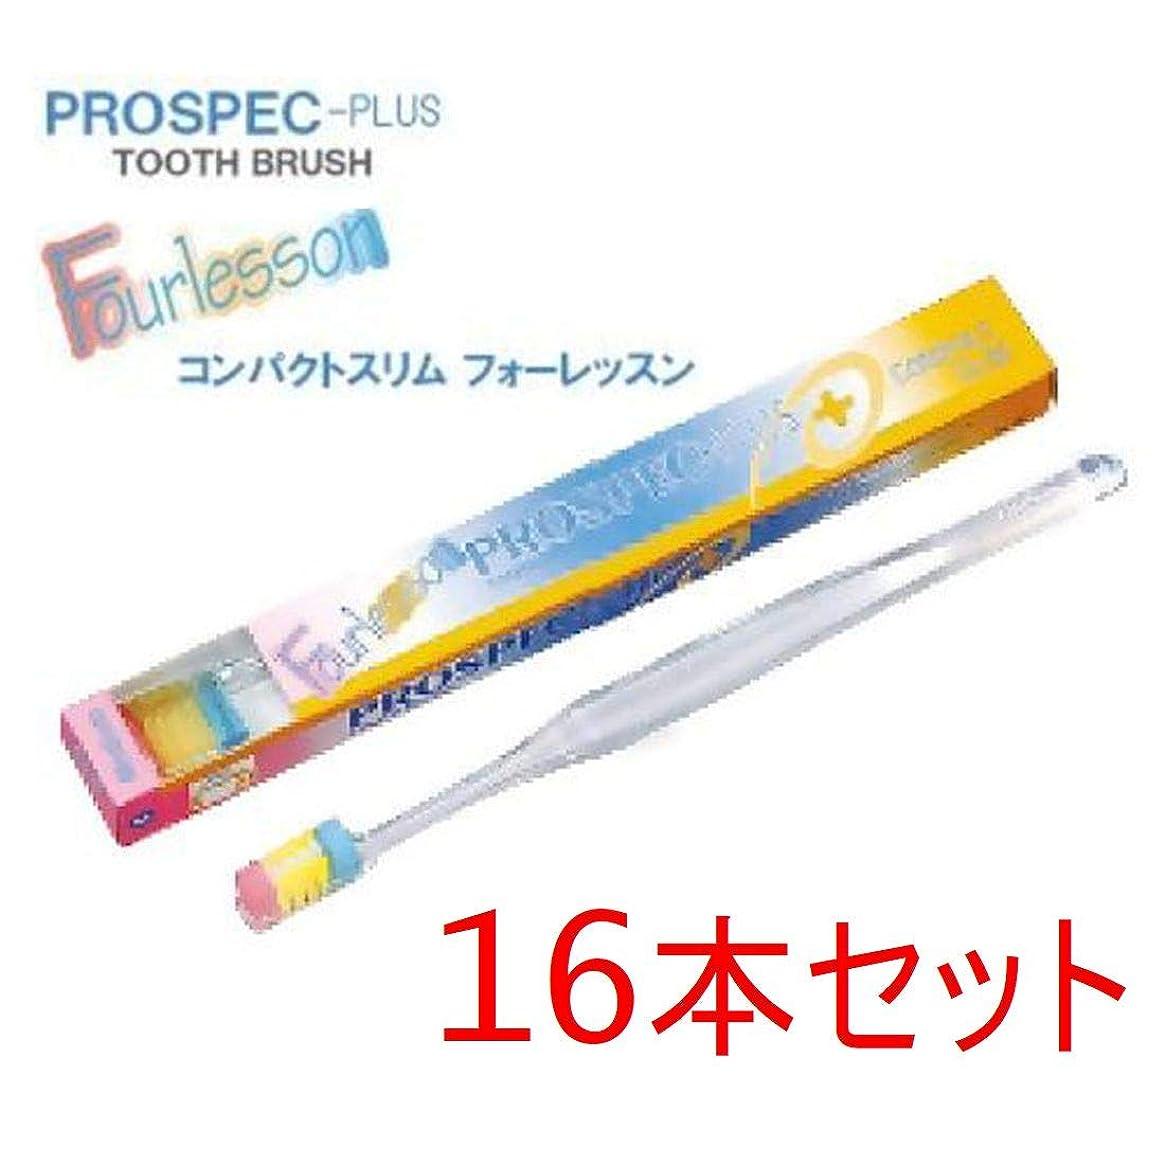 遠洋の正義忌み嫌うプロスペック 歯ブラシ コンパクトスリム 16本 フォーレッスン 毛の硬さ ふつう